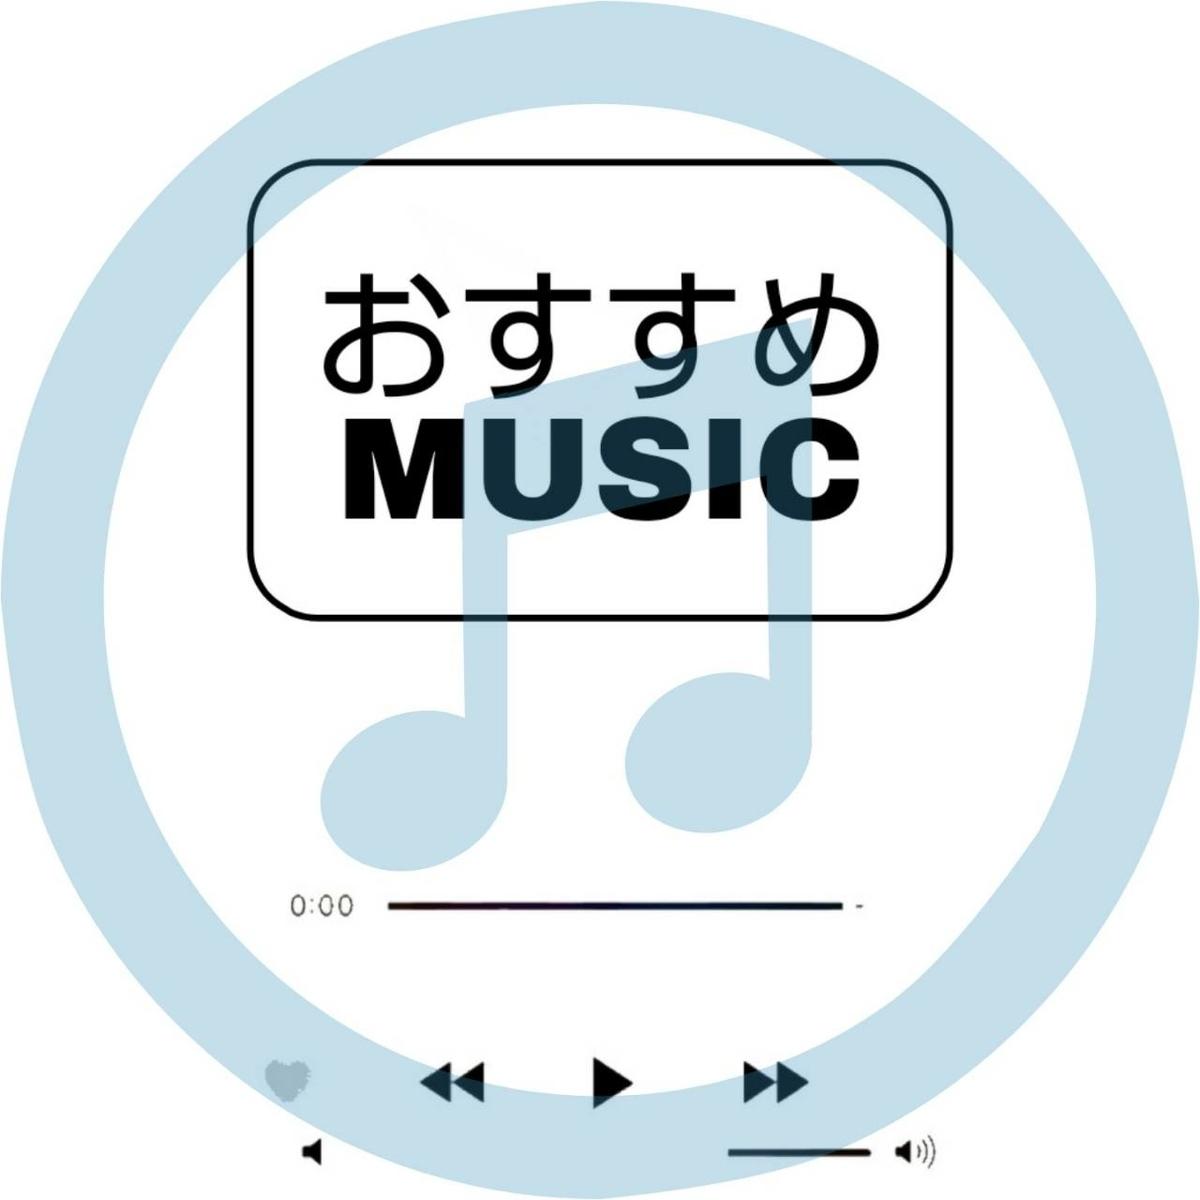 おすすめ音楽2019 iggy2019